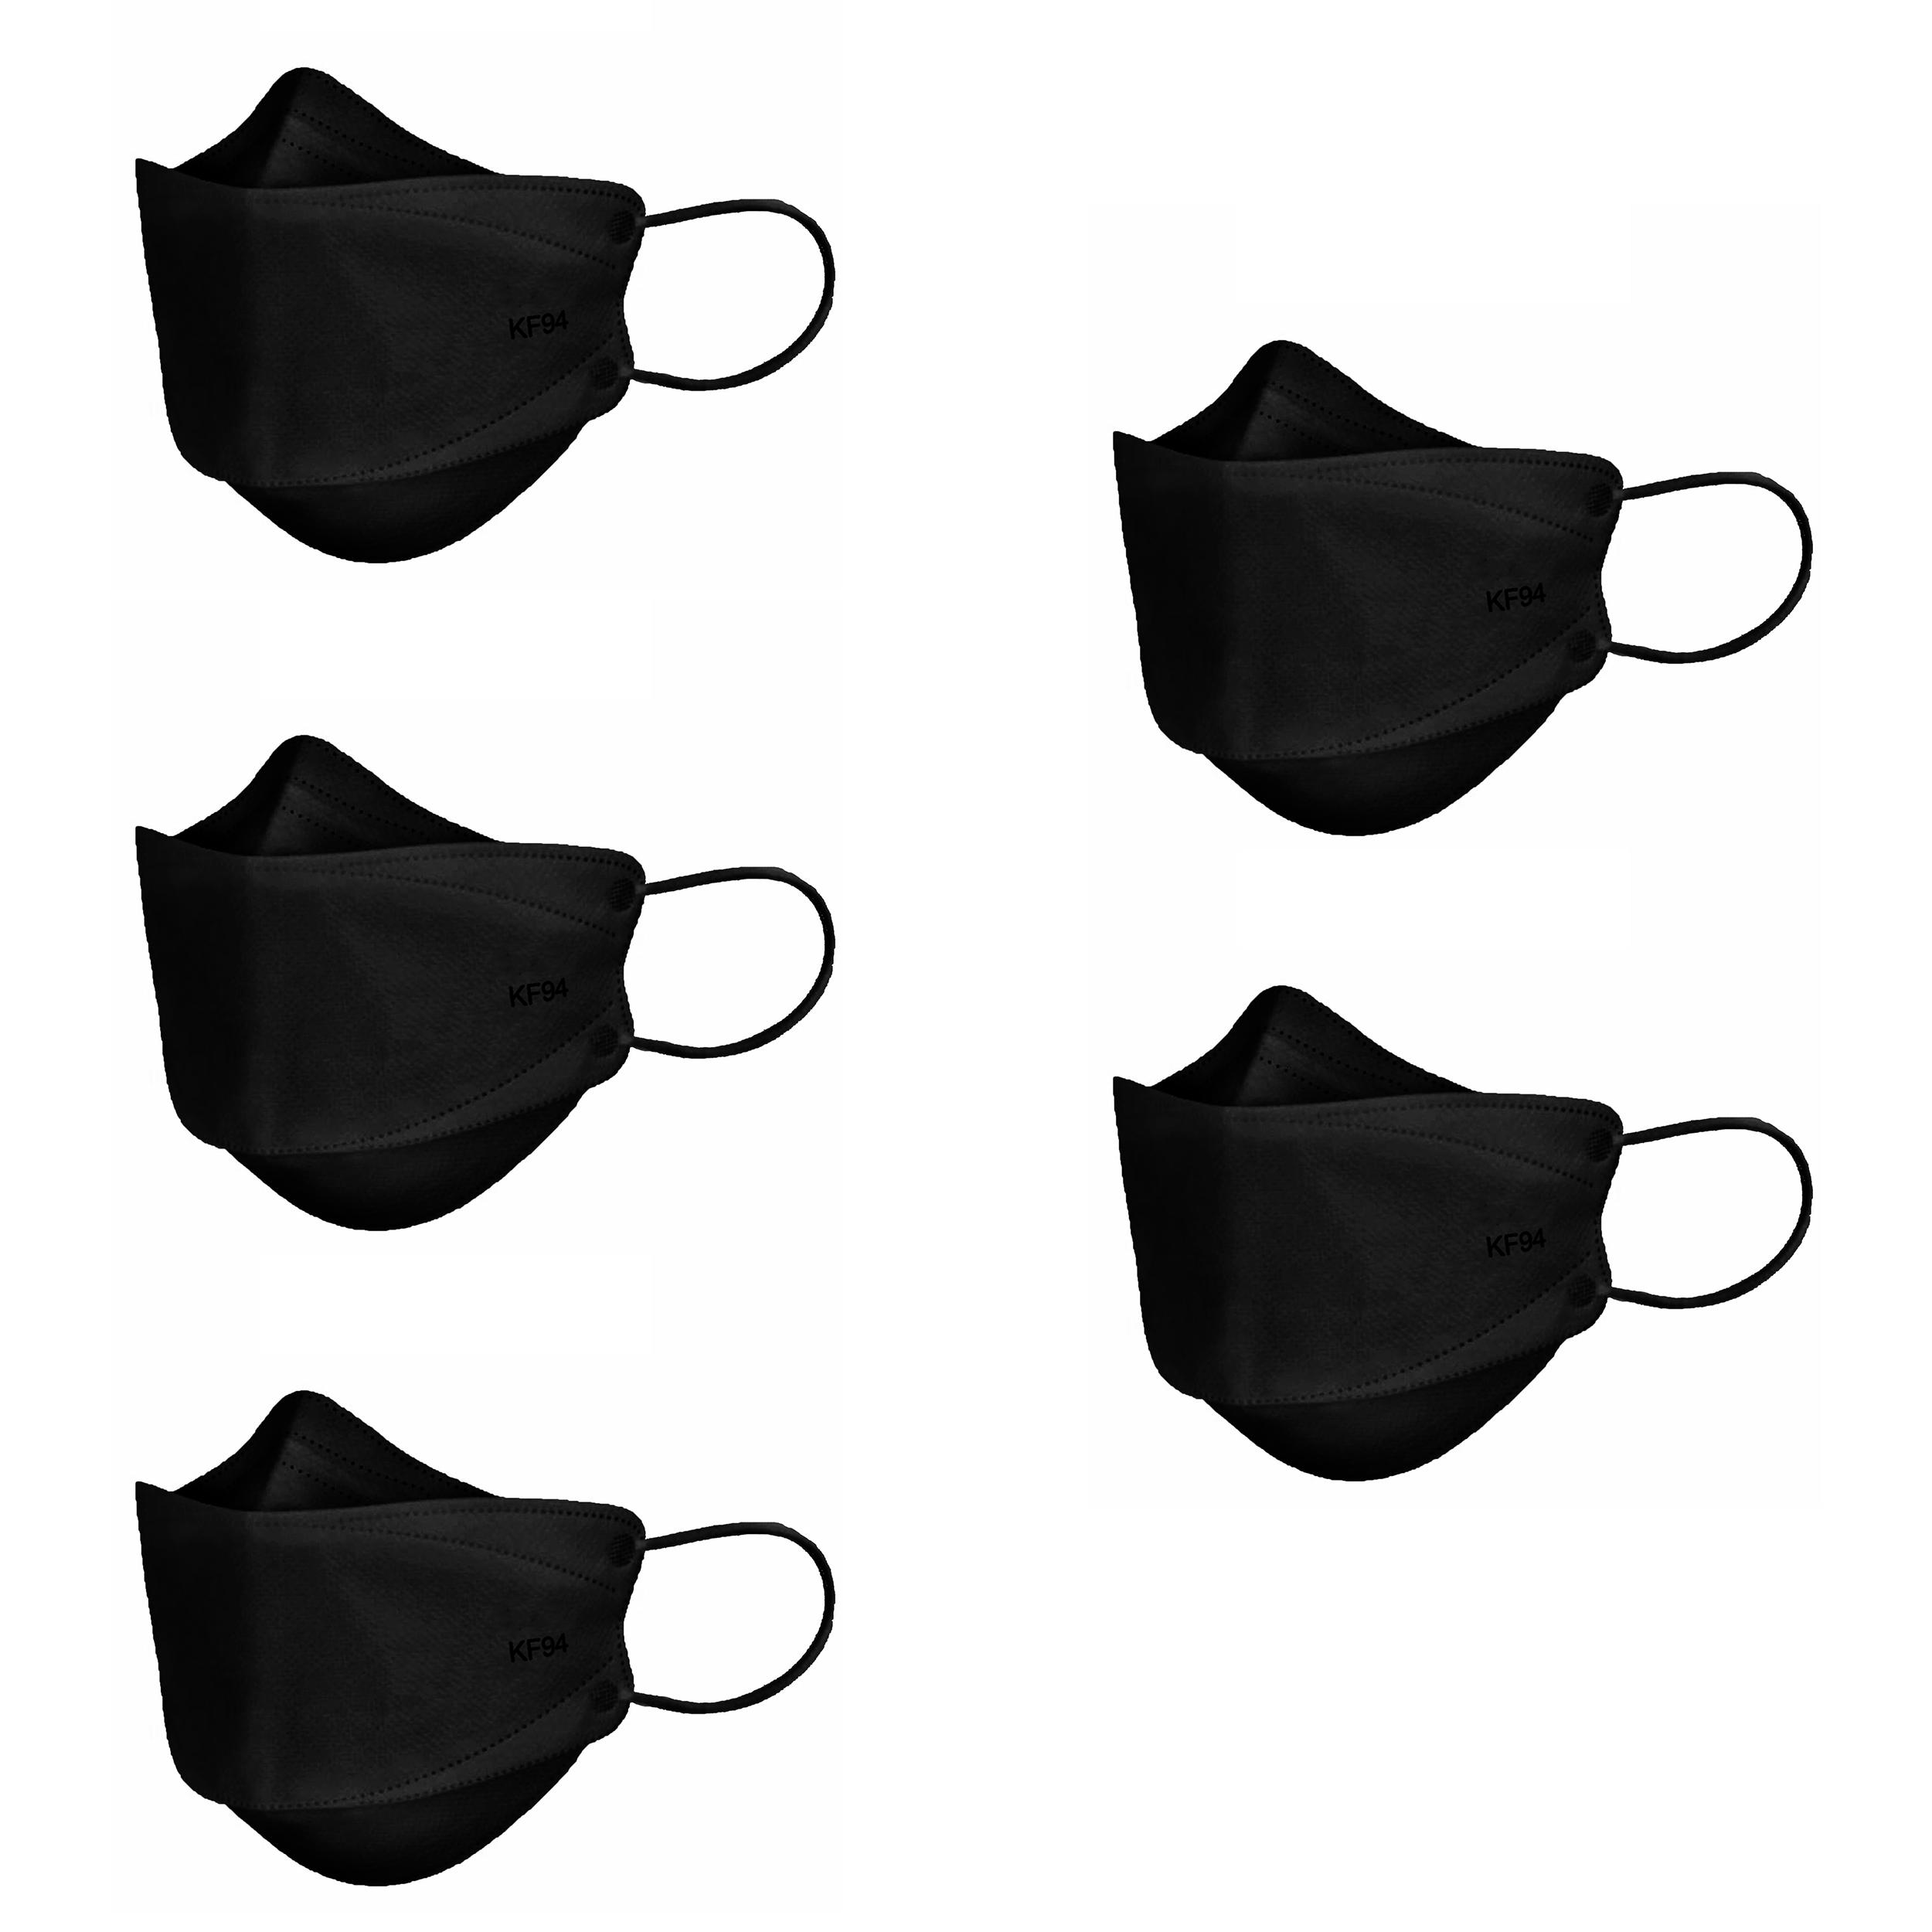 ماسک تنفسی اس اچ ام کد LY4-0064-M بسته 5 عددی